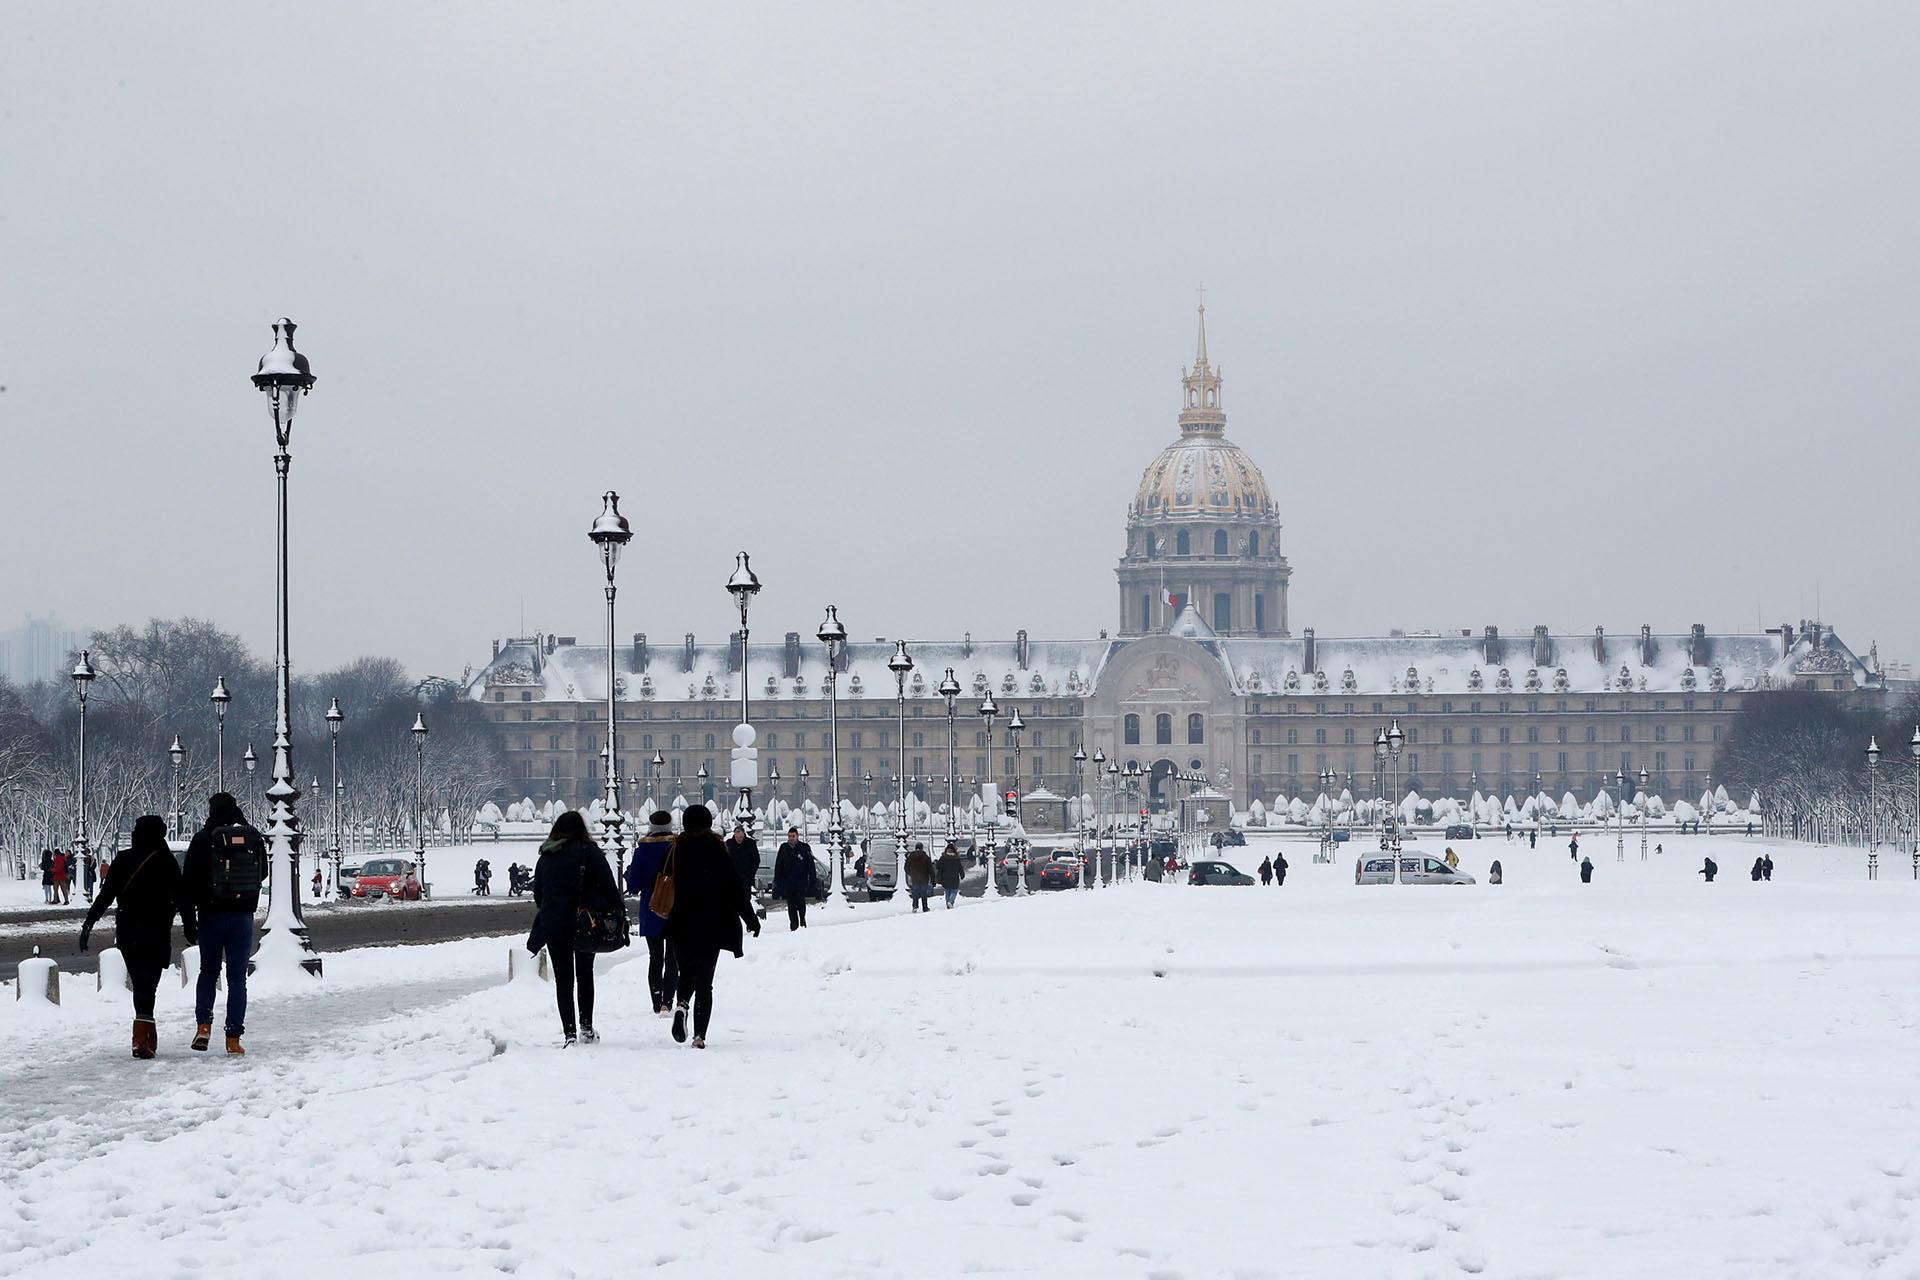 La explanada de los inválidos, con turistas a pesar de la nieve